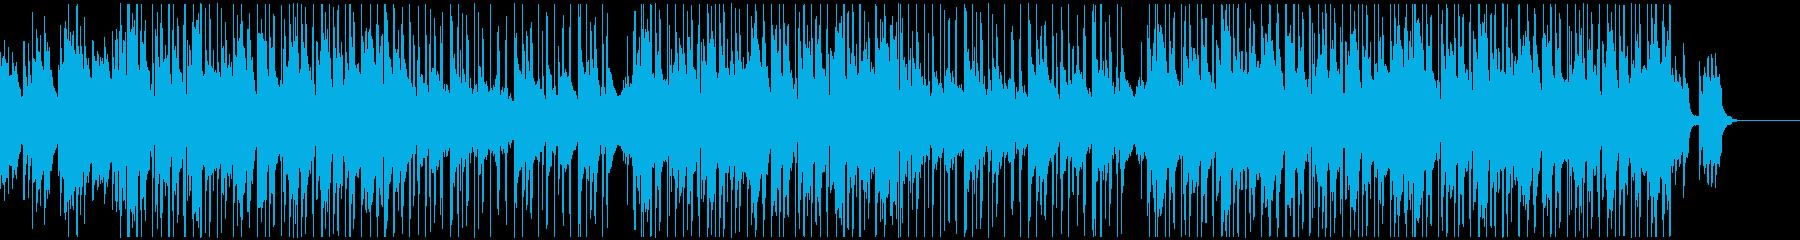 チルアウト/優しい・穏やかヒップホップの再生済みの波形